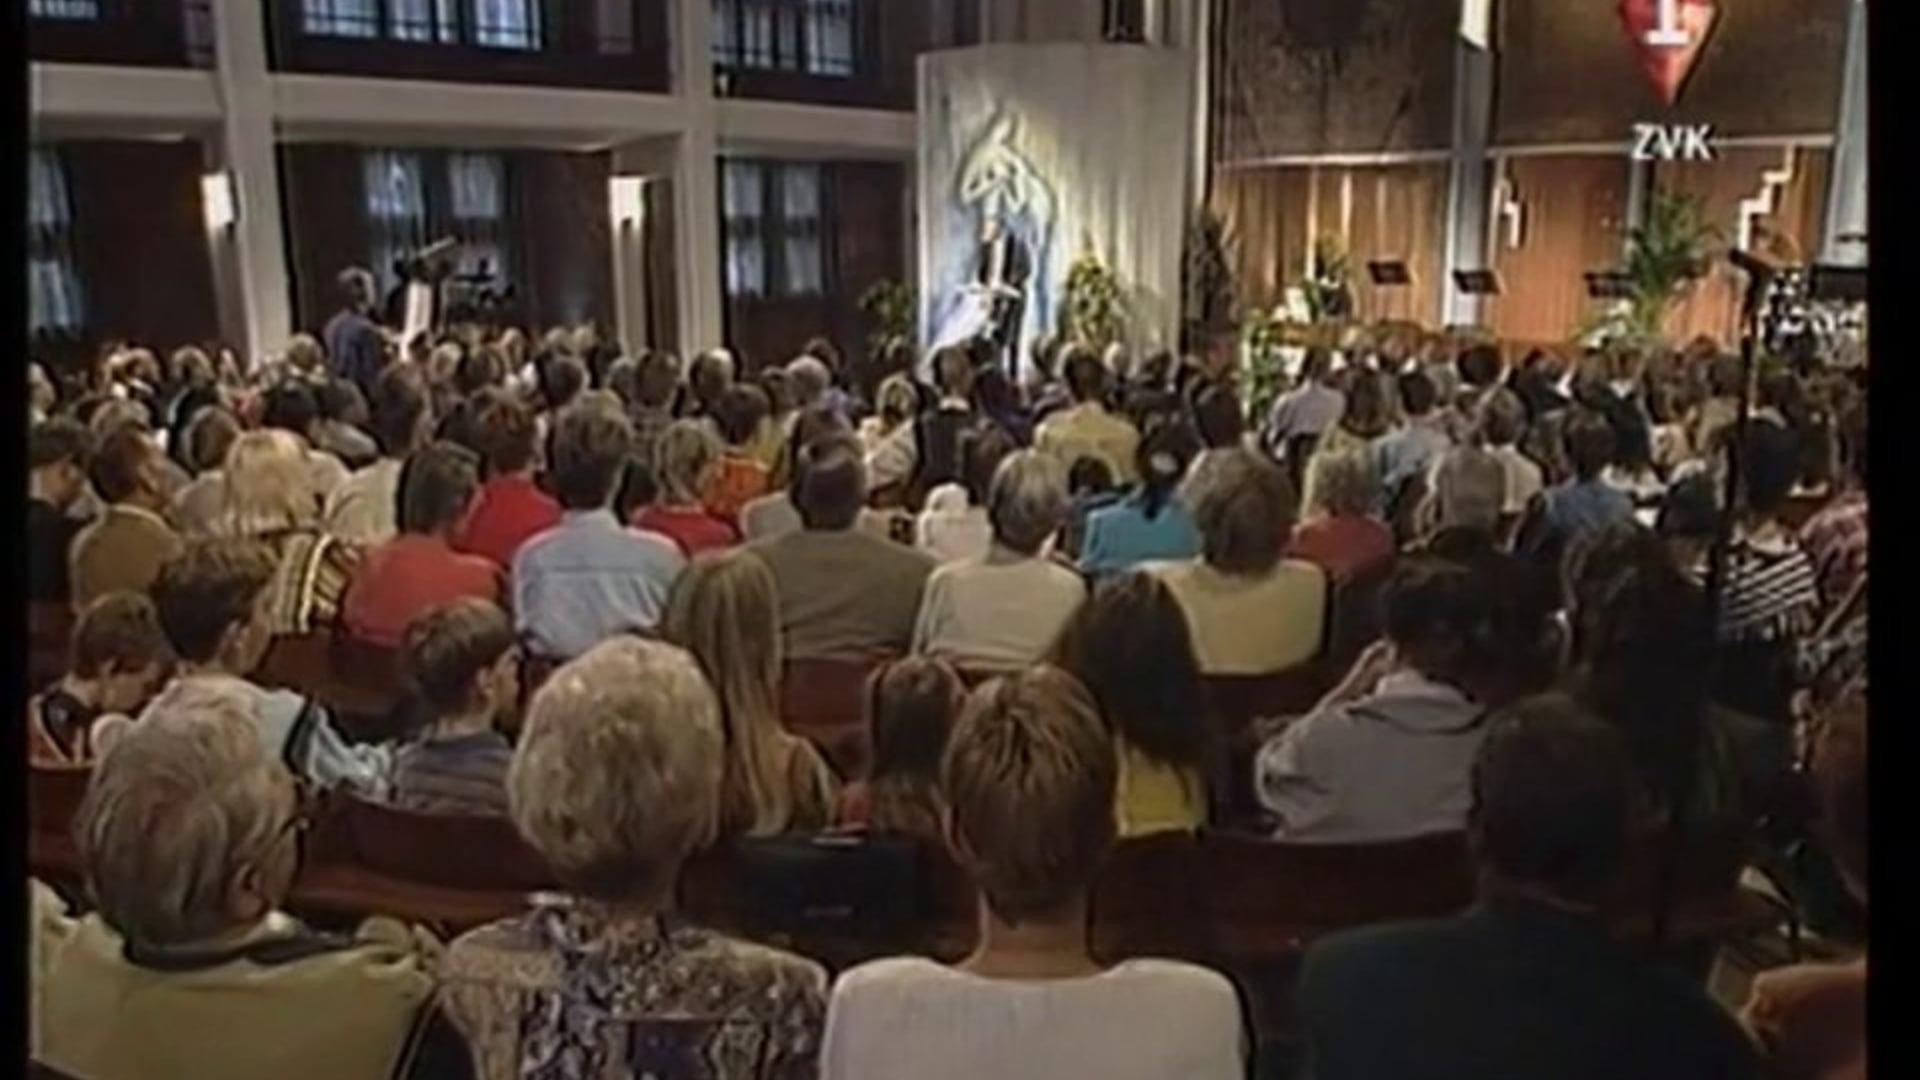 Kom en Zie op Zendtijd voor Kerken van 1997